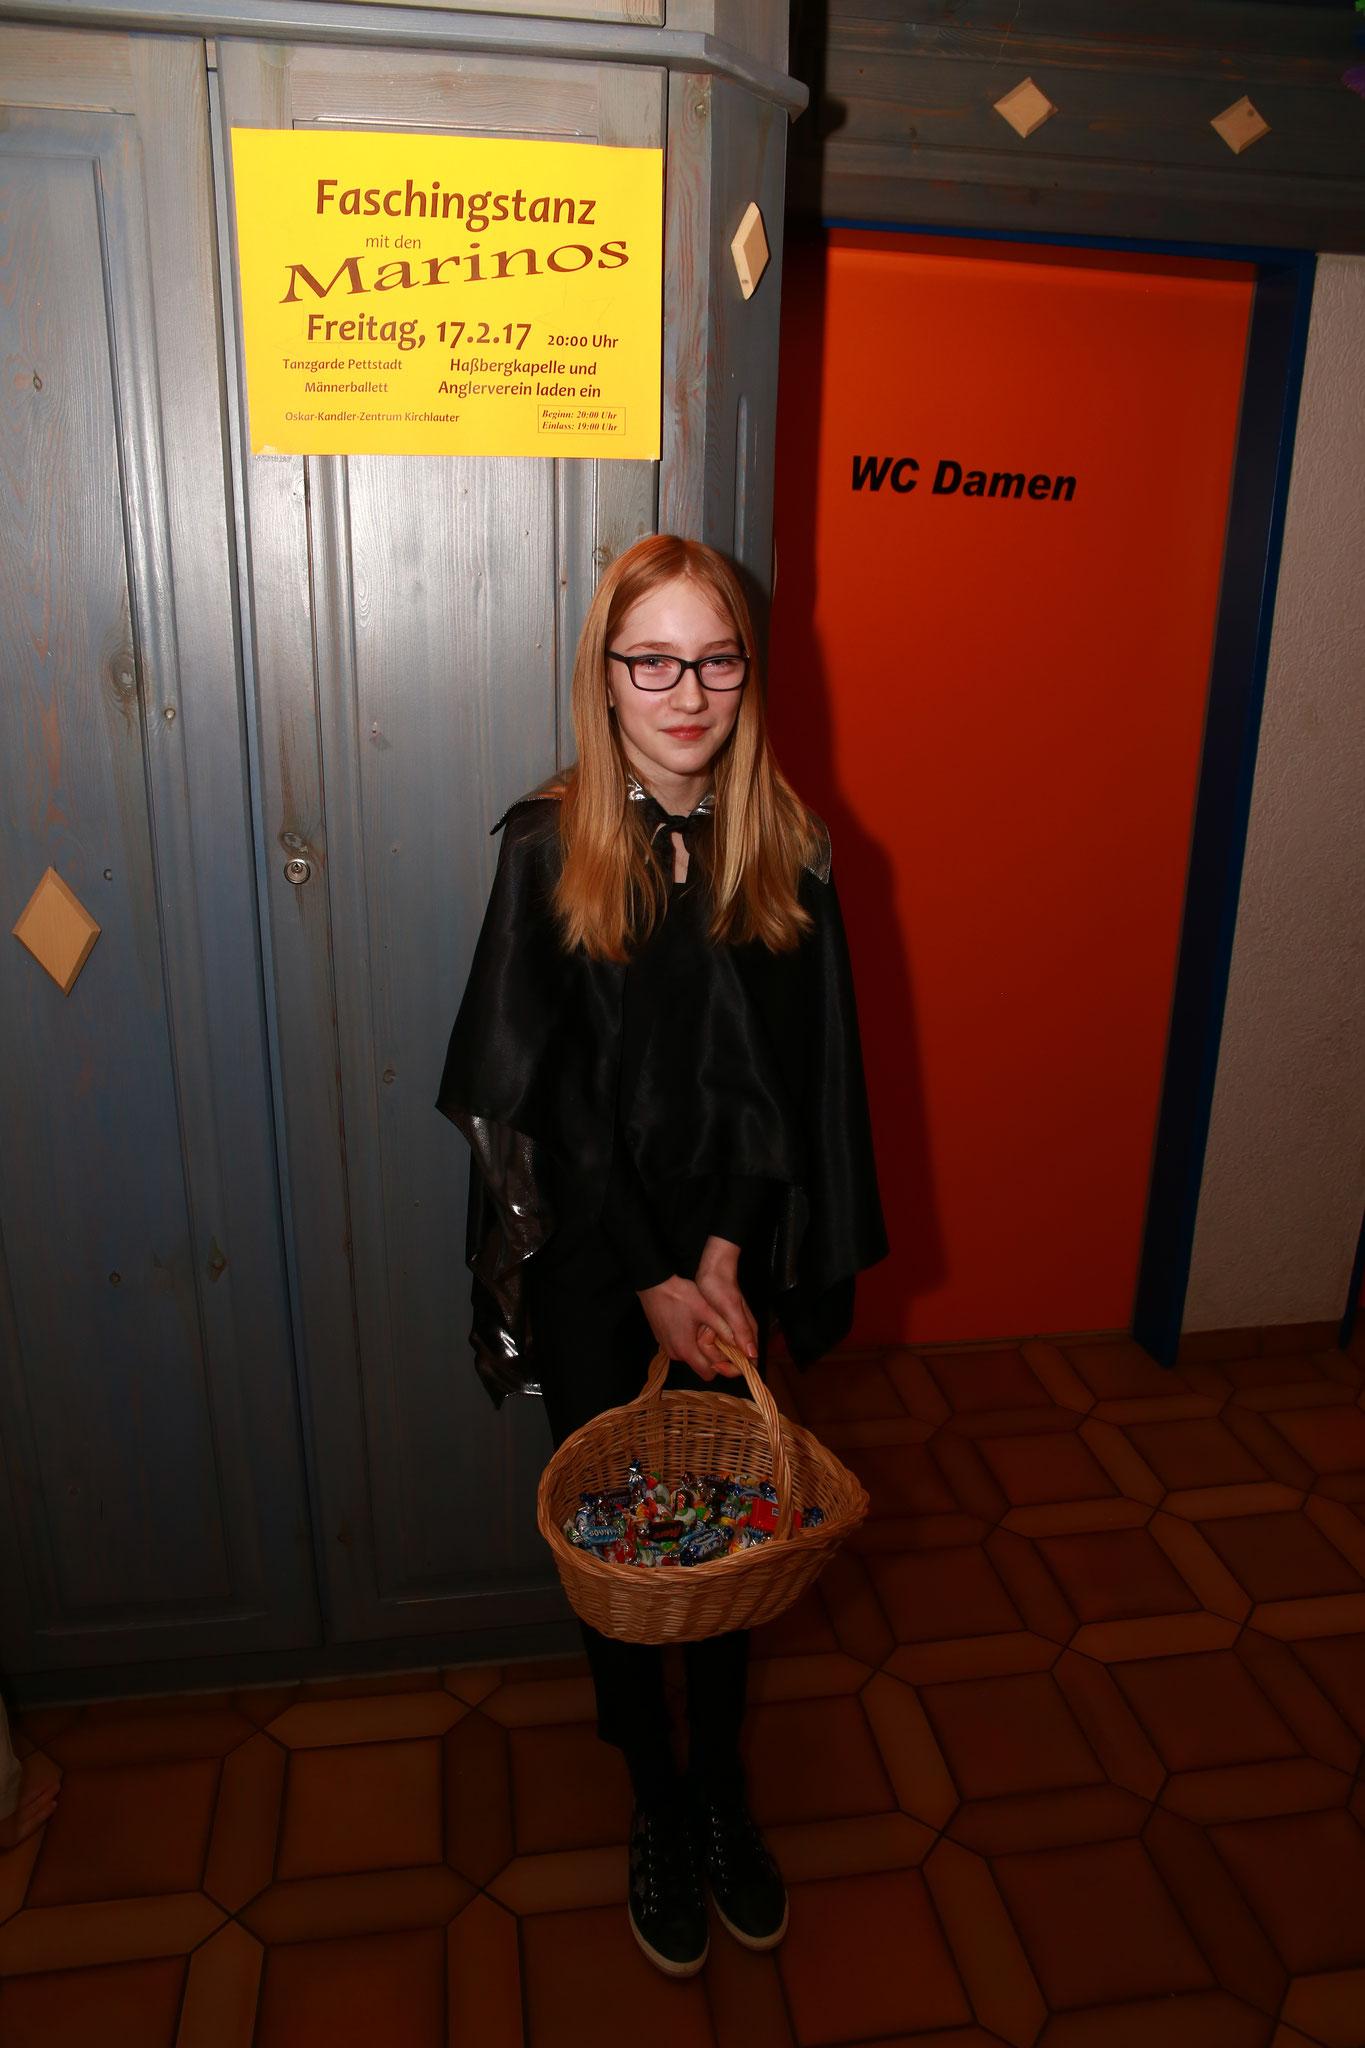 Und noch ein neues Gesicht zum Schluss, das beim Kinderfasching dafür den Anfang übernommen hat, nämlich das Beglücken der Kinder mit Süßigkeiten am Eingang ;) Danke, dass du dabei warst, Sophie!